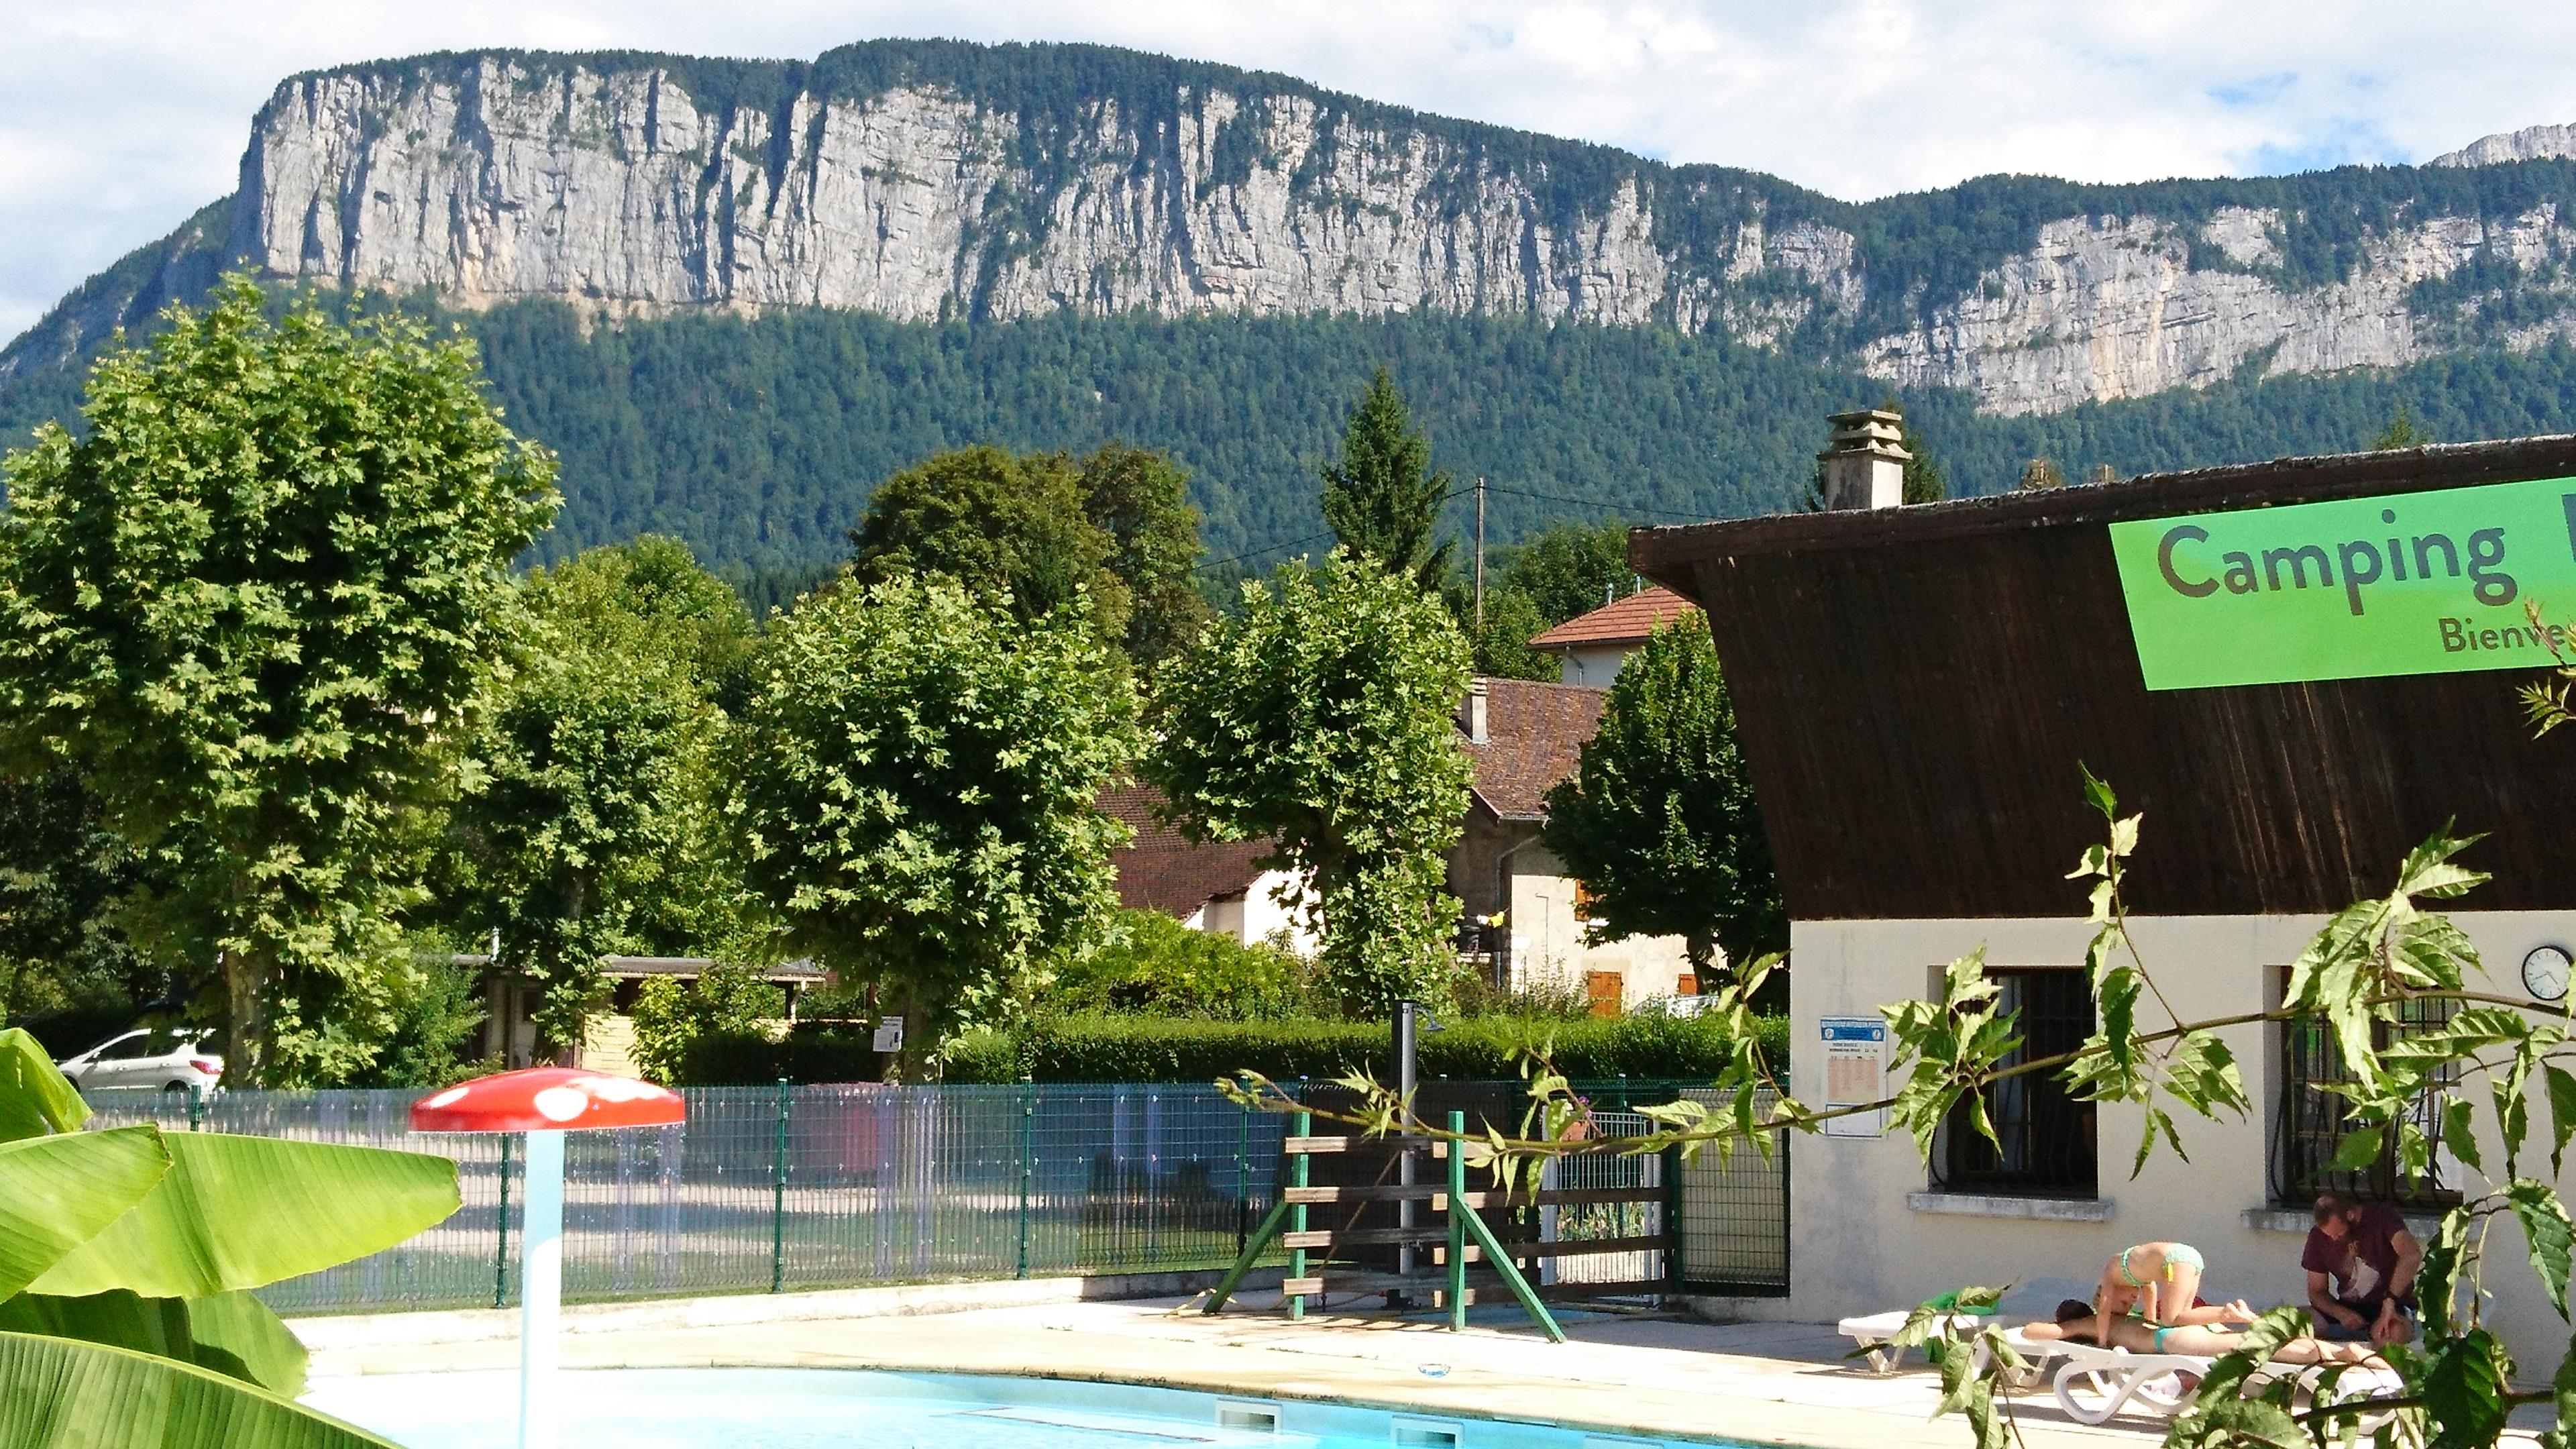 Camping l'Arc en Ciel, Entre-Deux-Guiers, Isère